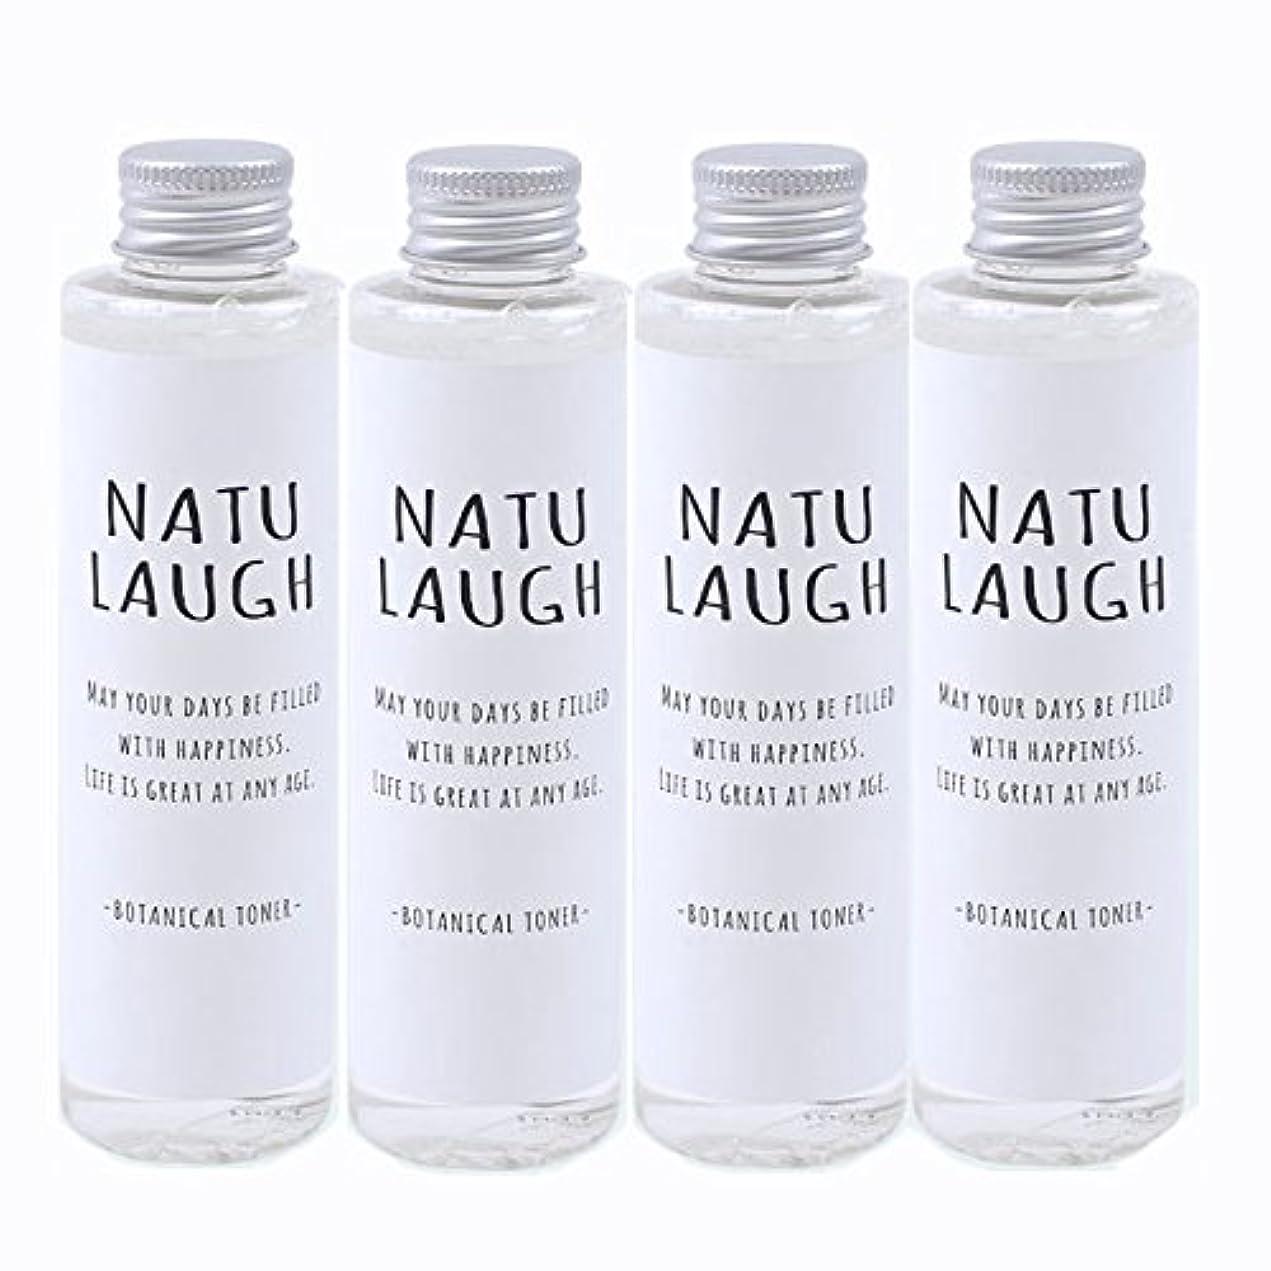 ラジエーター若さ不正NATU LAUGH ボタニカル 化粧水 150ml - BOTANICAL TONER - (4個)